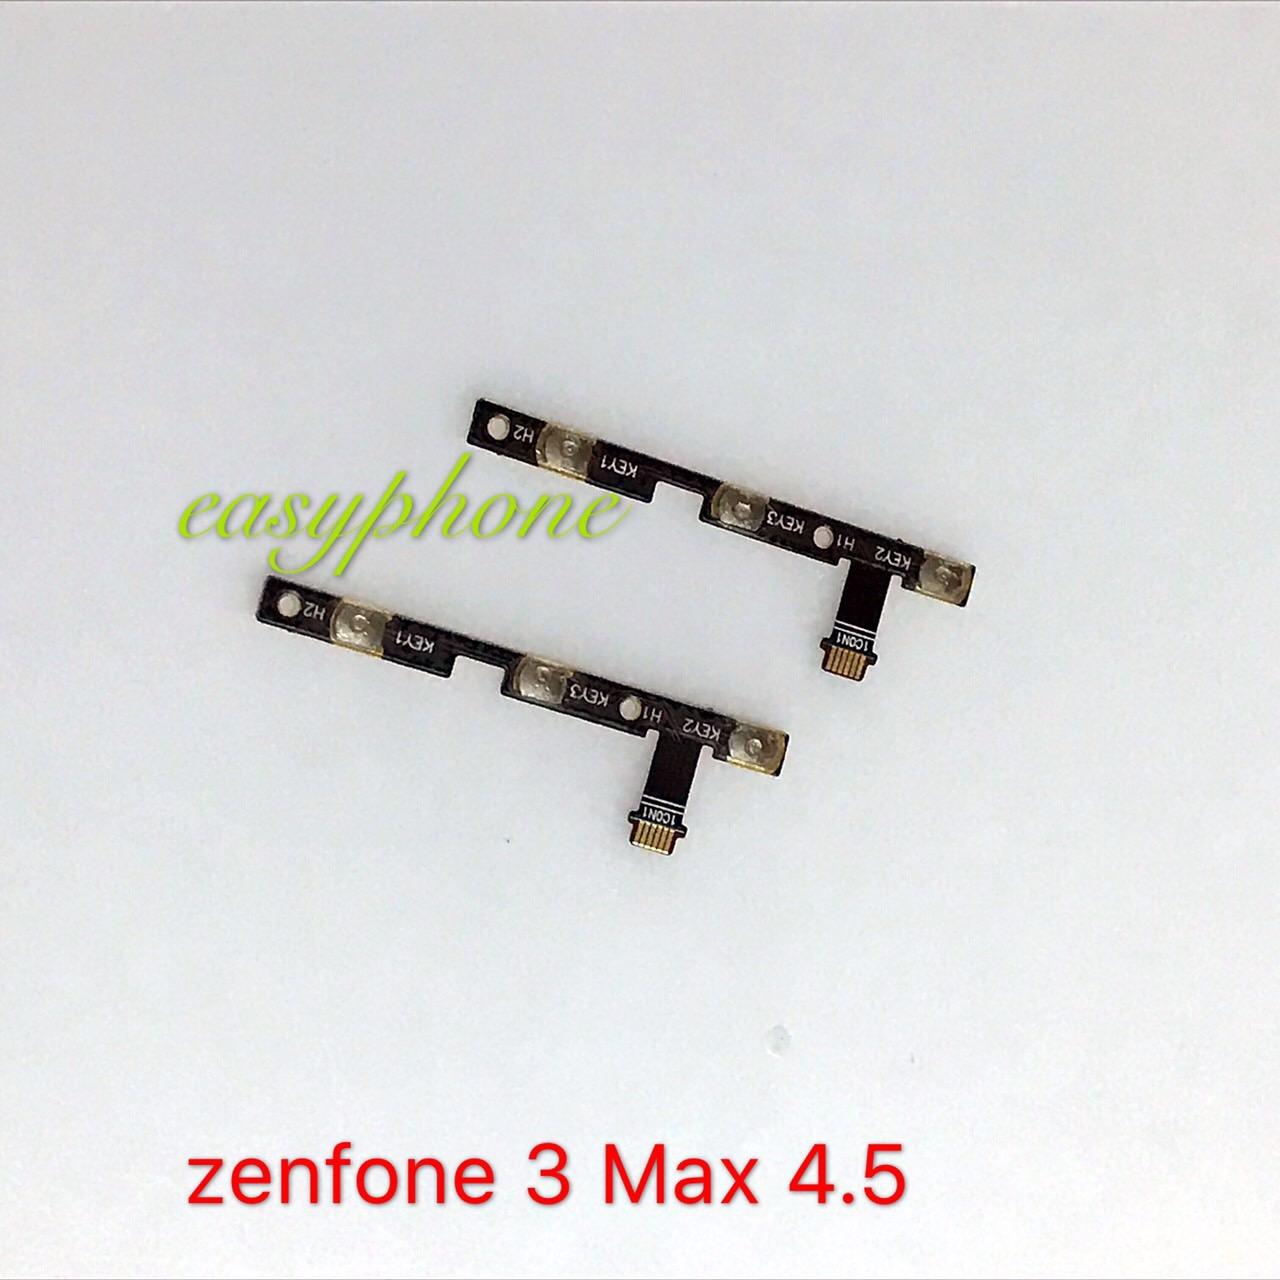 แพรสวิท เปิด-ปิด Zenfone 3 max 4.5